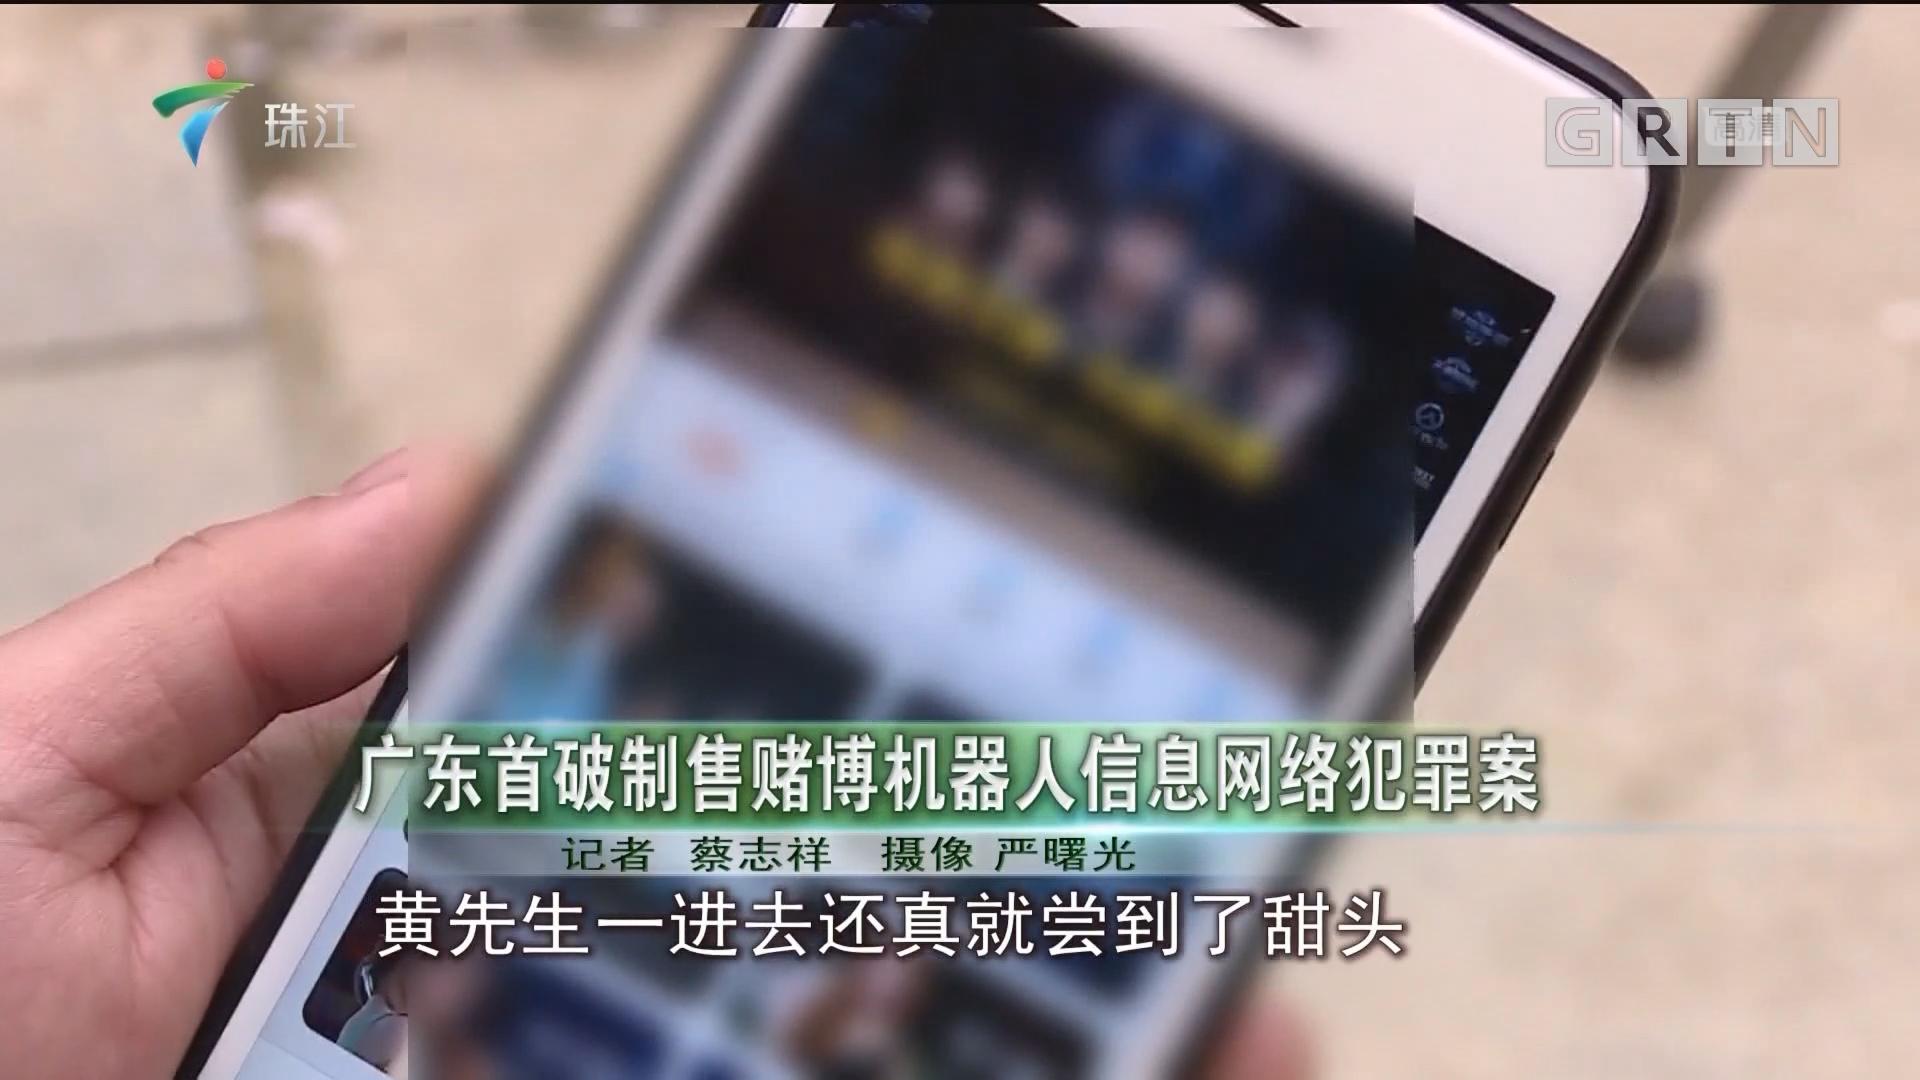 广东首破制售赌博机器人信息网络犯罪案